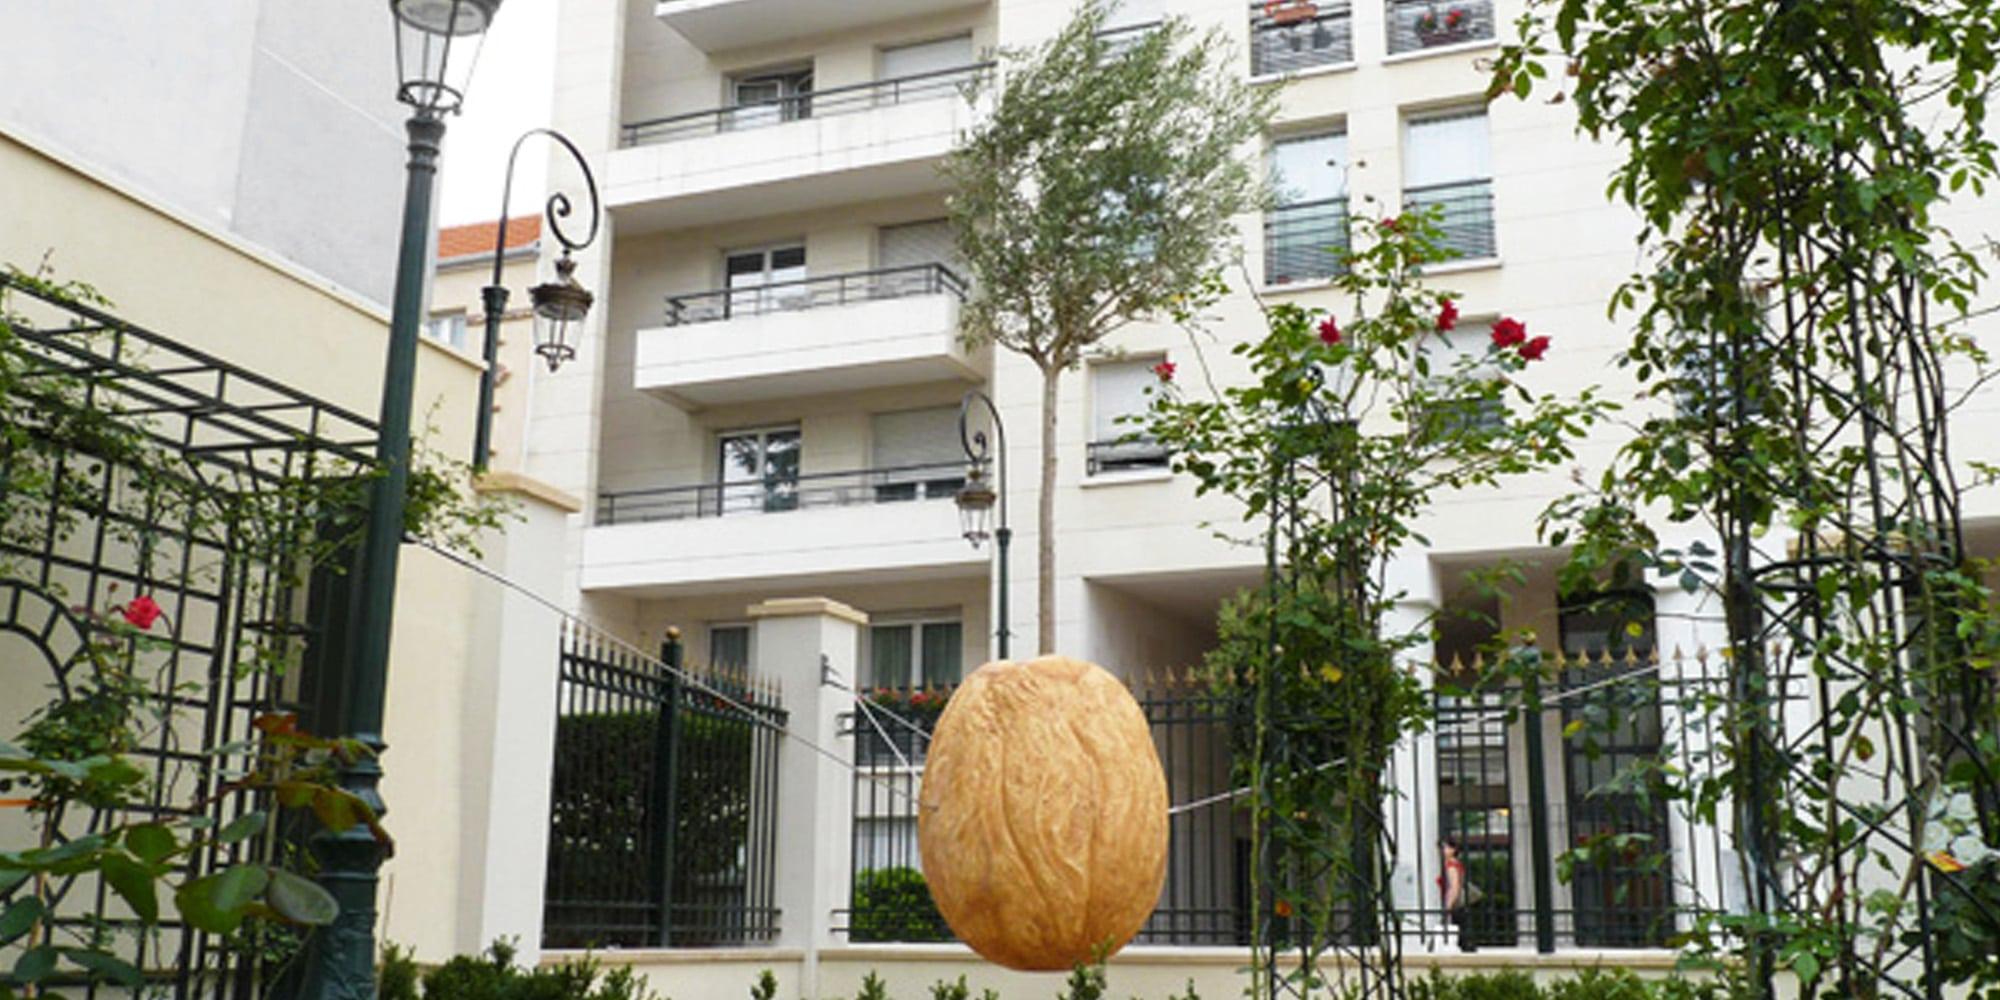 sculpture végétale graine géante en résine avec vrai arbre dedans pour décor espaces verts, parcs et jardins